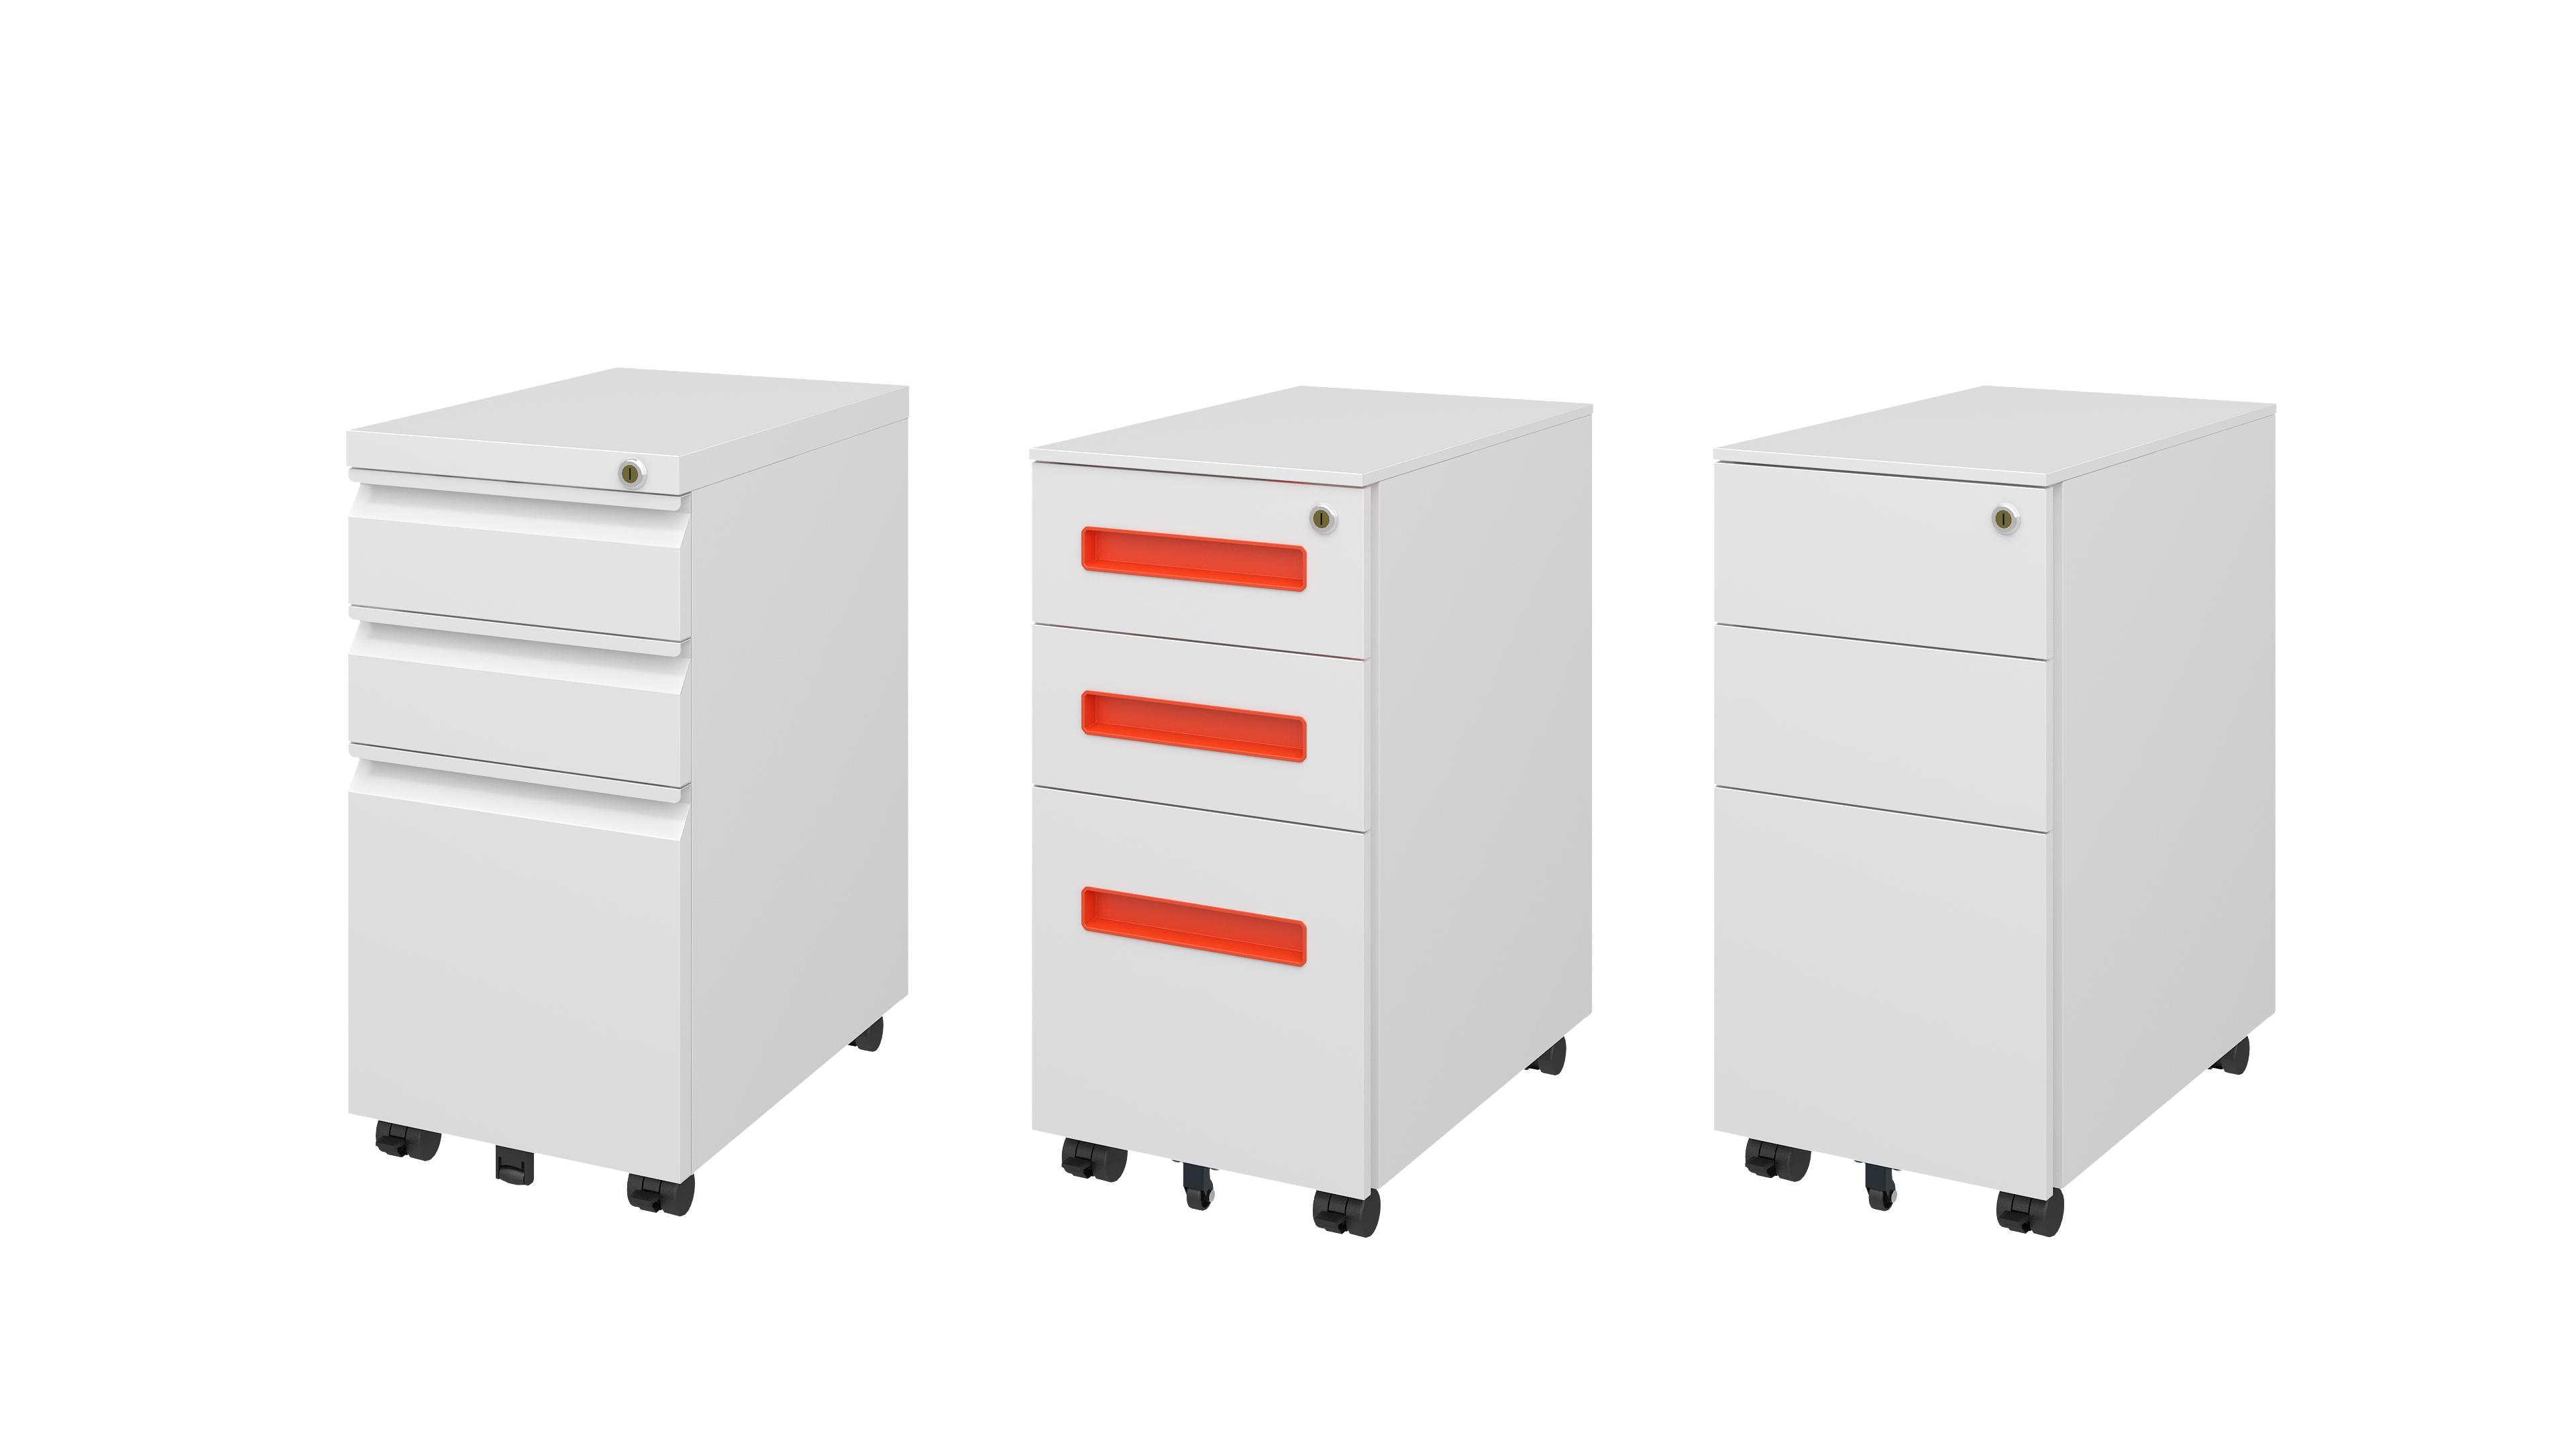 file cabinet manufacturer Pengcheng PCP-300